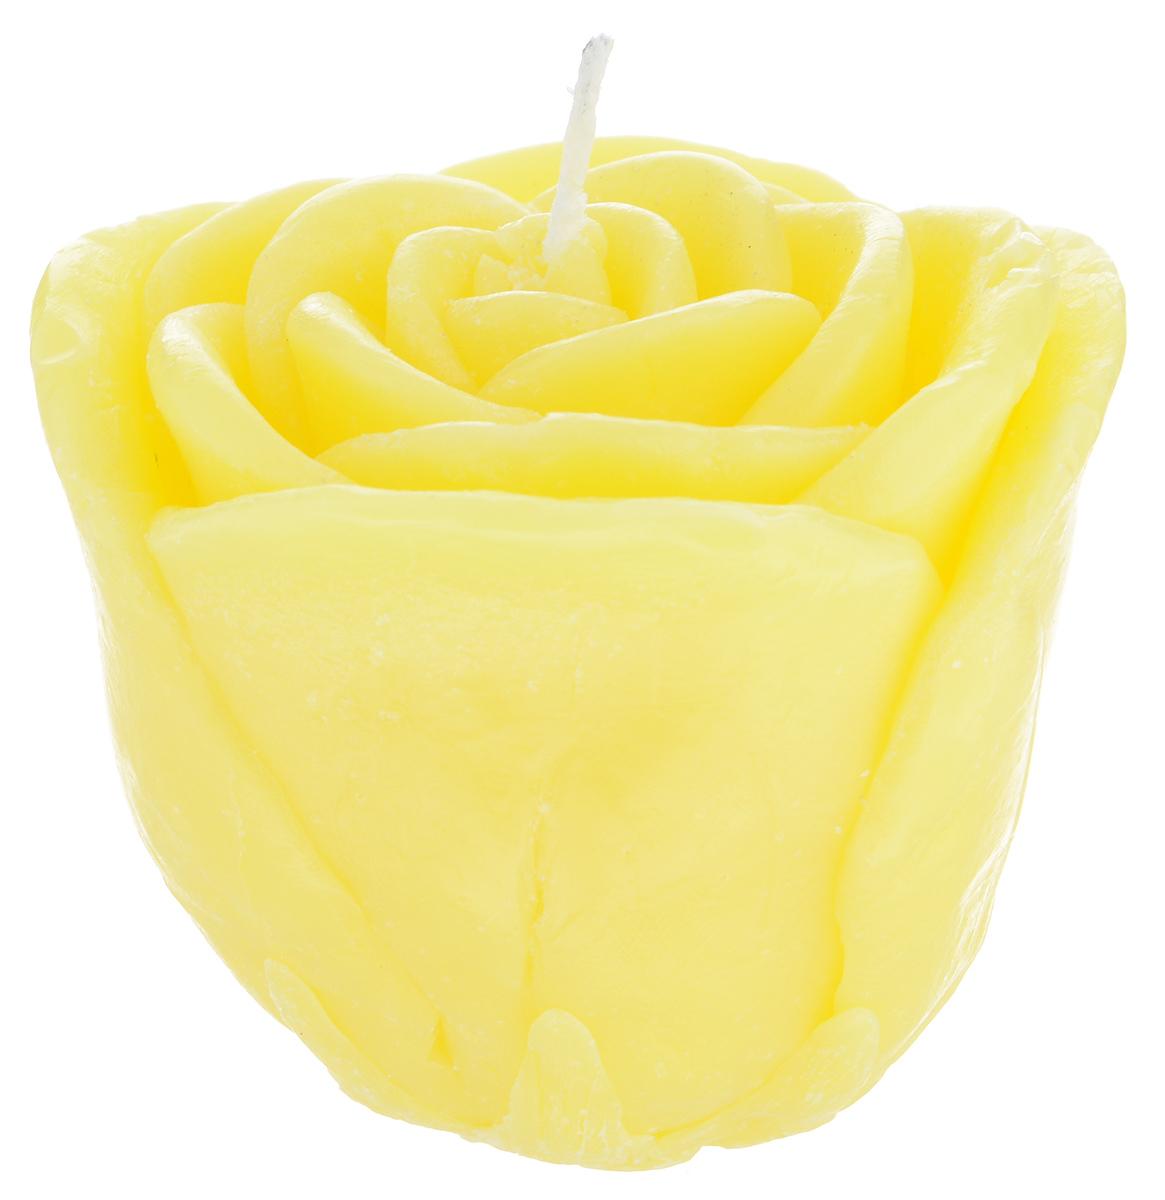 Свеча декоративная Proffi Большая роза, цвет: желтый, 7 х 7 х 6 смRG-D31SДекоративная свеча Proffi Большая роза изготовлена из парафина и стеарина, а фитиль из хлопка. Изделие выполнено в виде розы. Предназначена для освещения и украшения помещений. Такая свеча может стать отличным подарком или дополнить интерьер вашей спальни или гостиной.